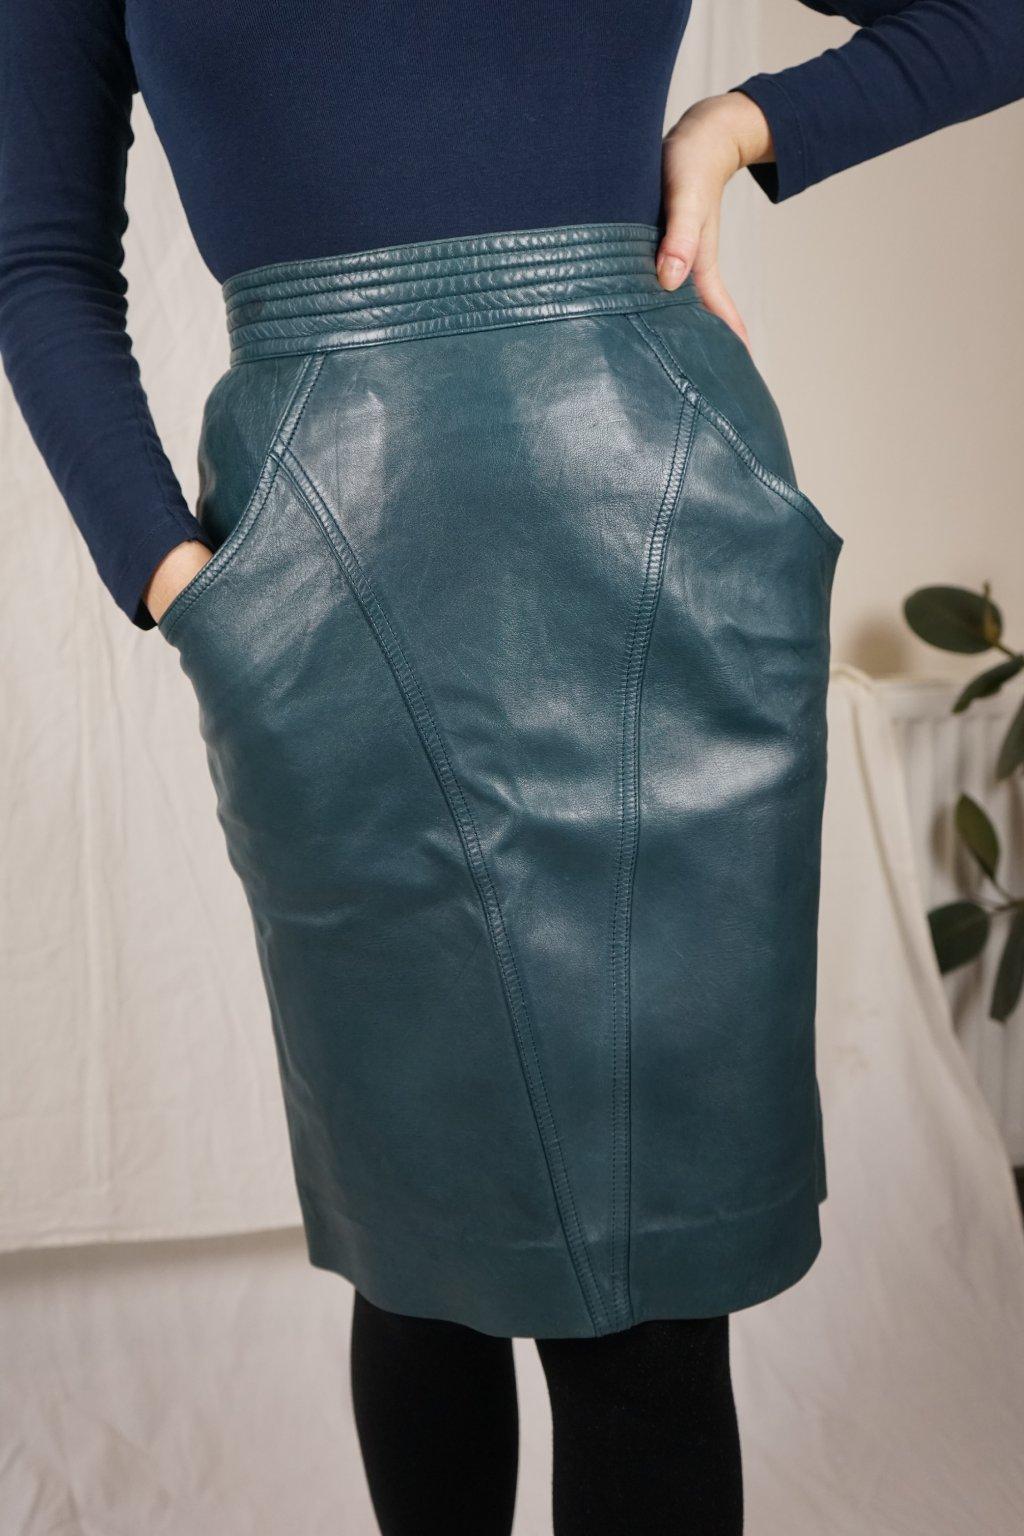 Petrolejová kožená sukně vel. S/M